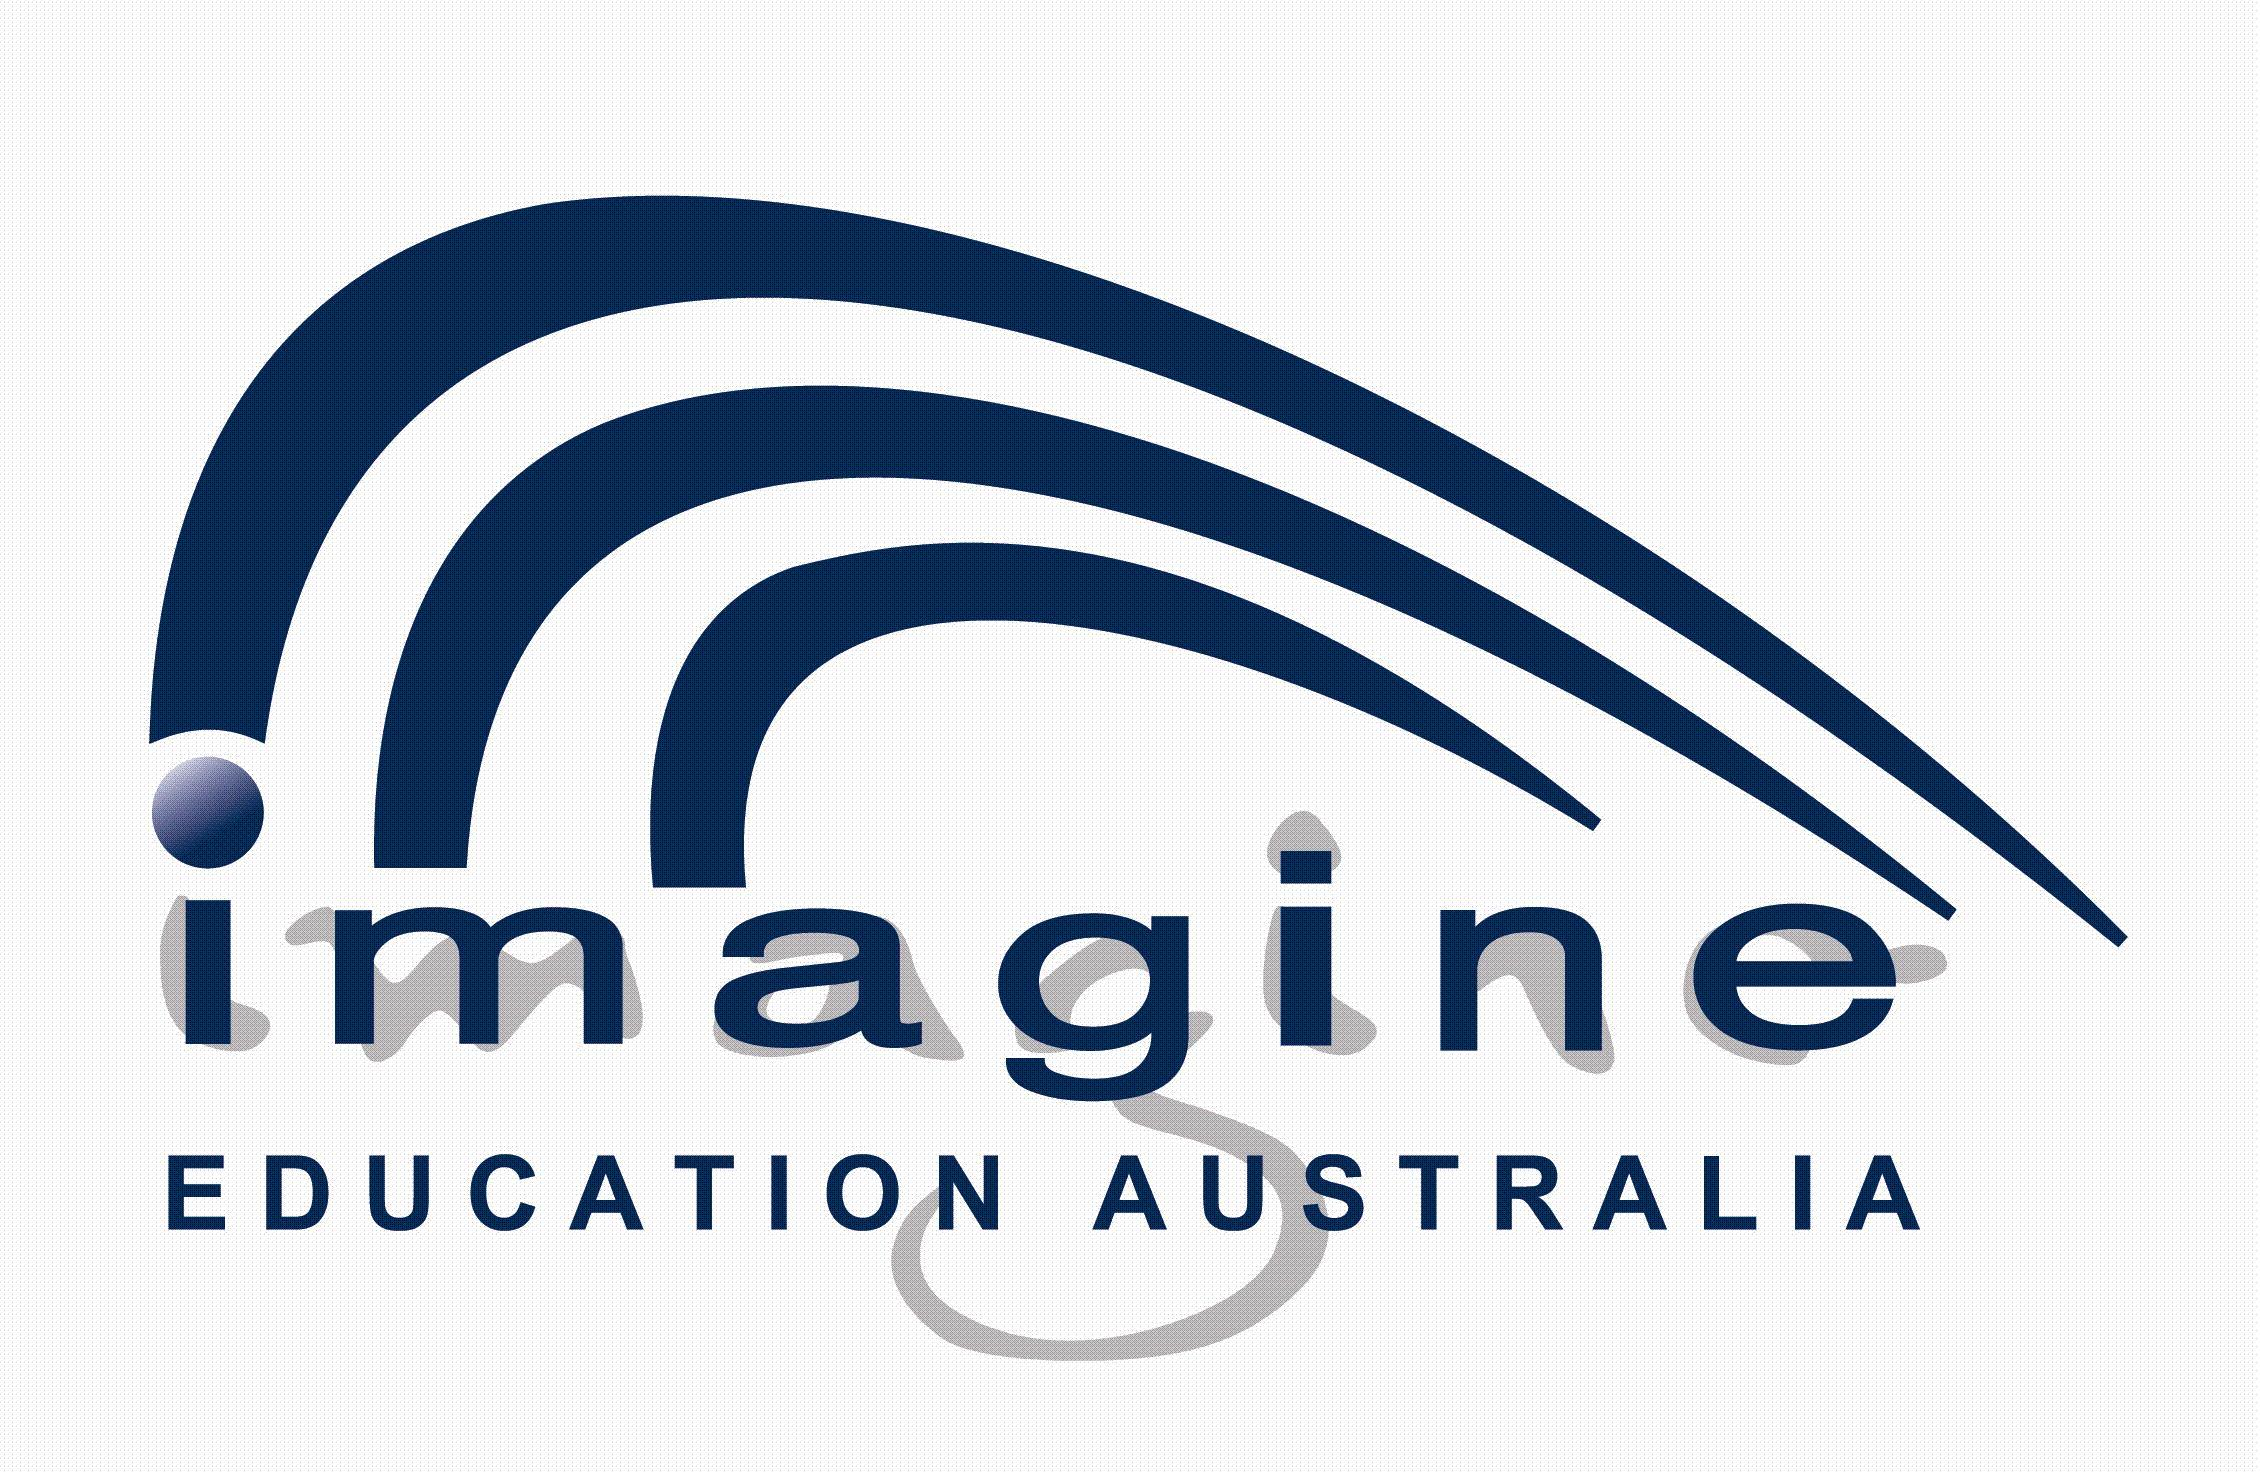 IAE_logo_high_res